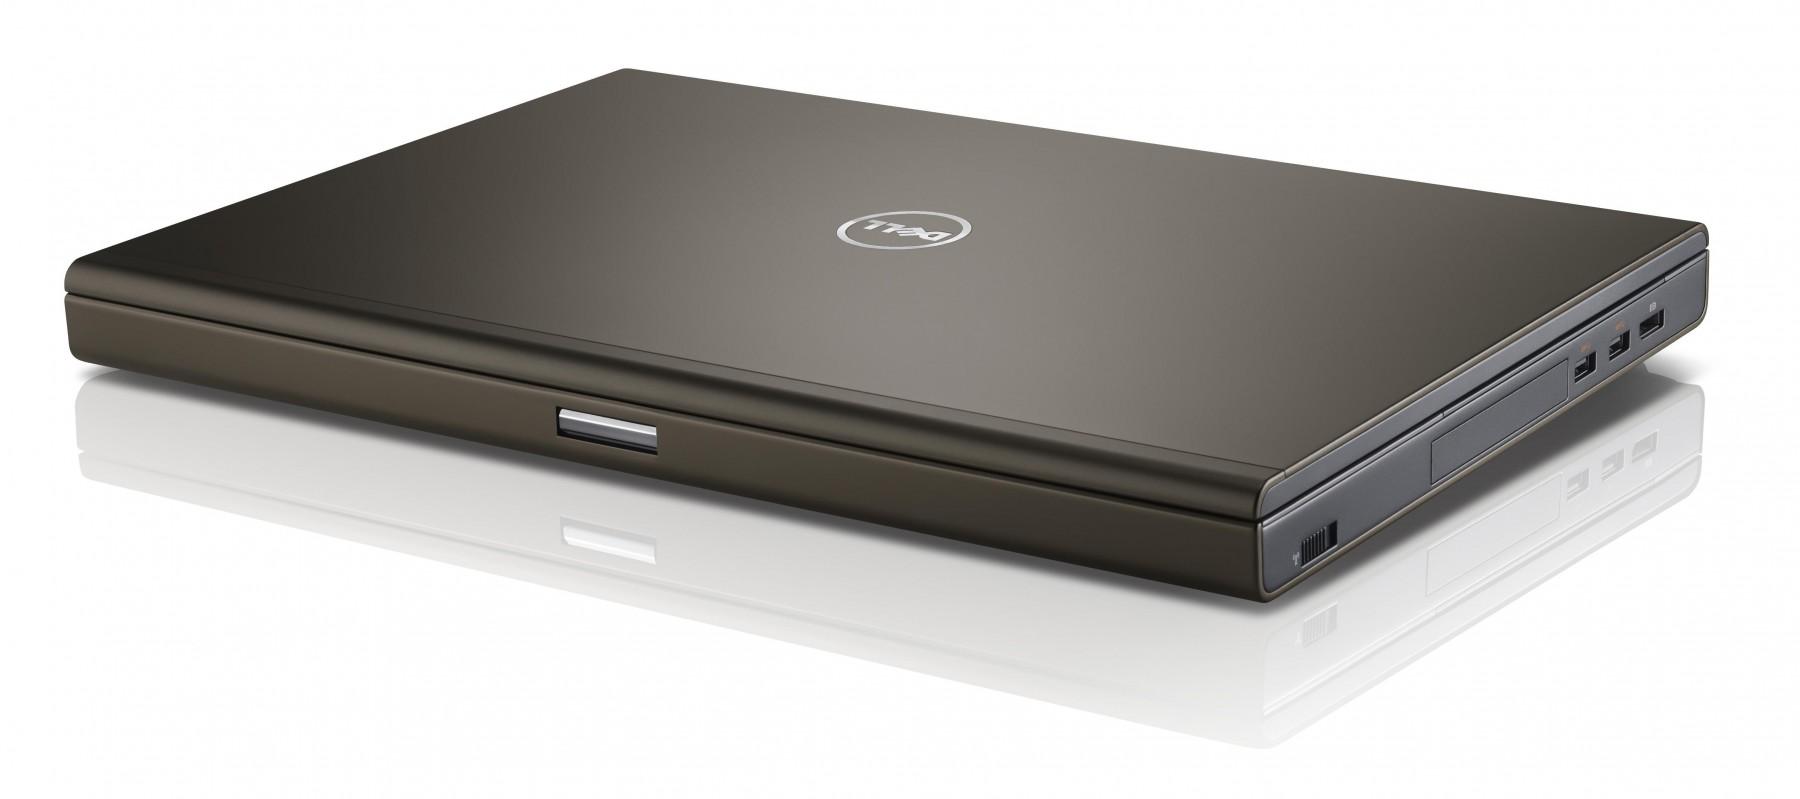 """DELL-PRE-M4600-i7-Refurbished Dell Precision M4600 Laptop 15.6"""" Intel Core i7 16 GB RAM 1 TB Storage Windows 10 Pro #-image"""